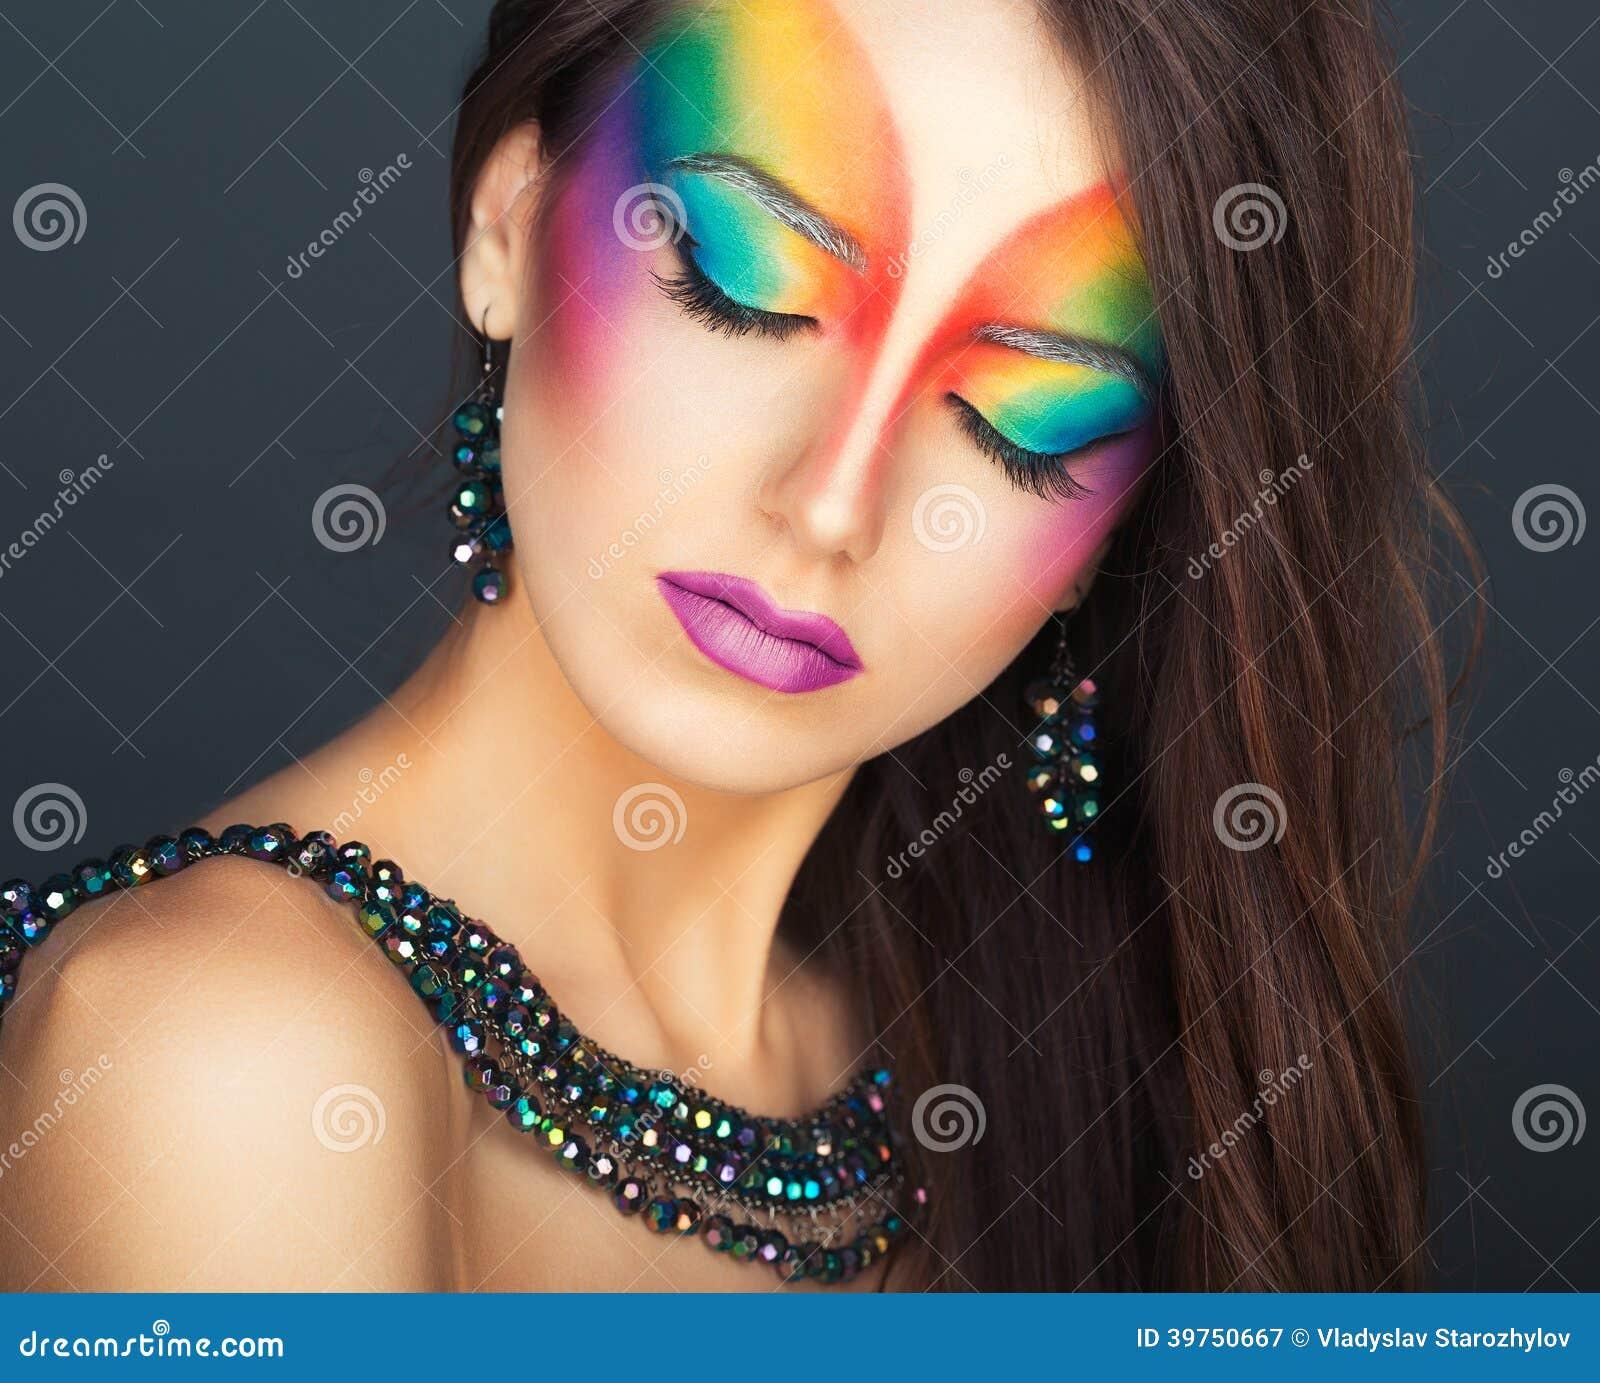 Портрет молодой красивой девушки с multico моды ярким